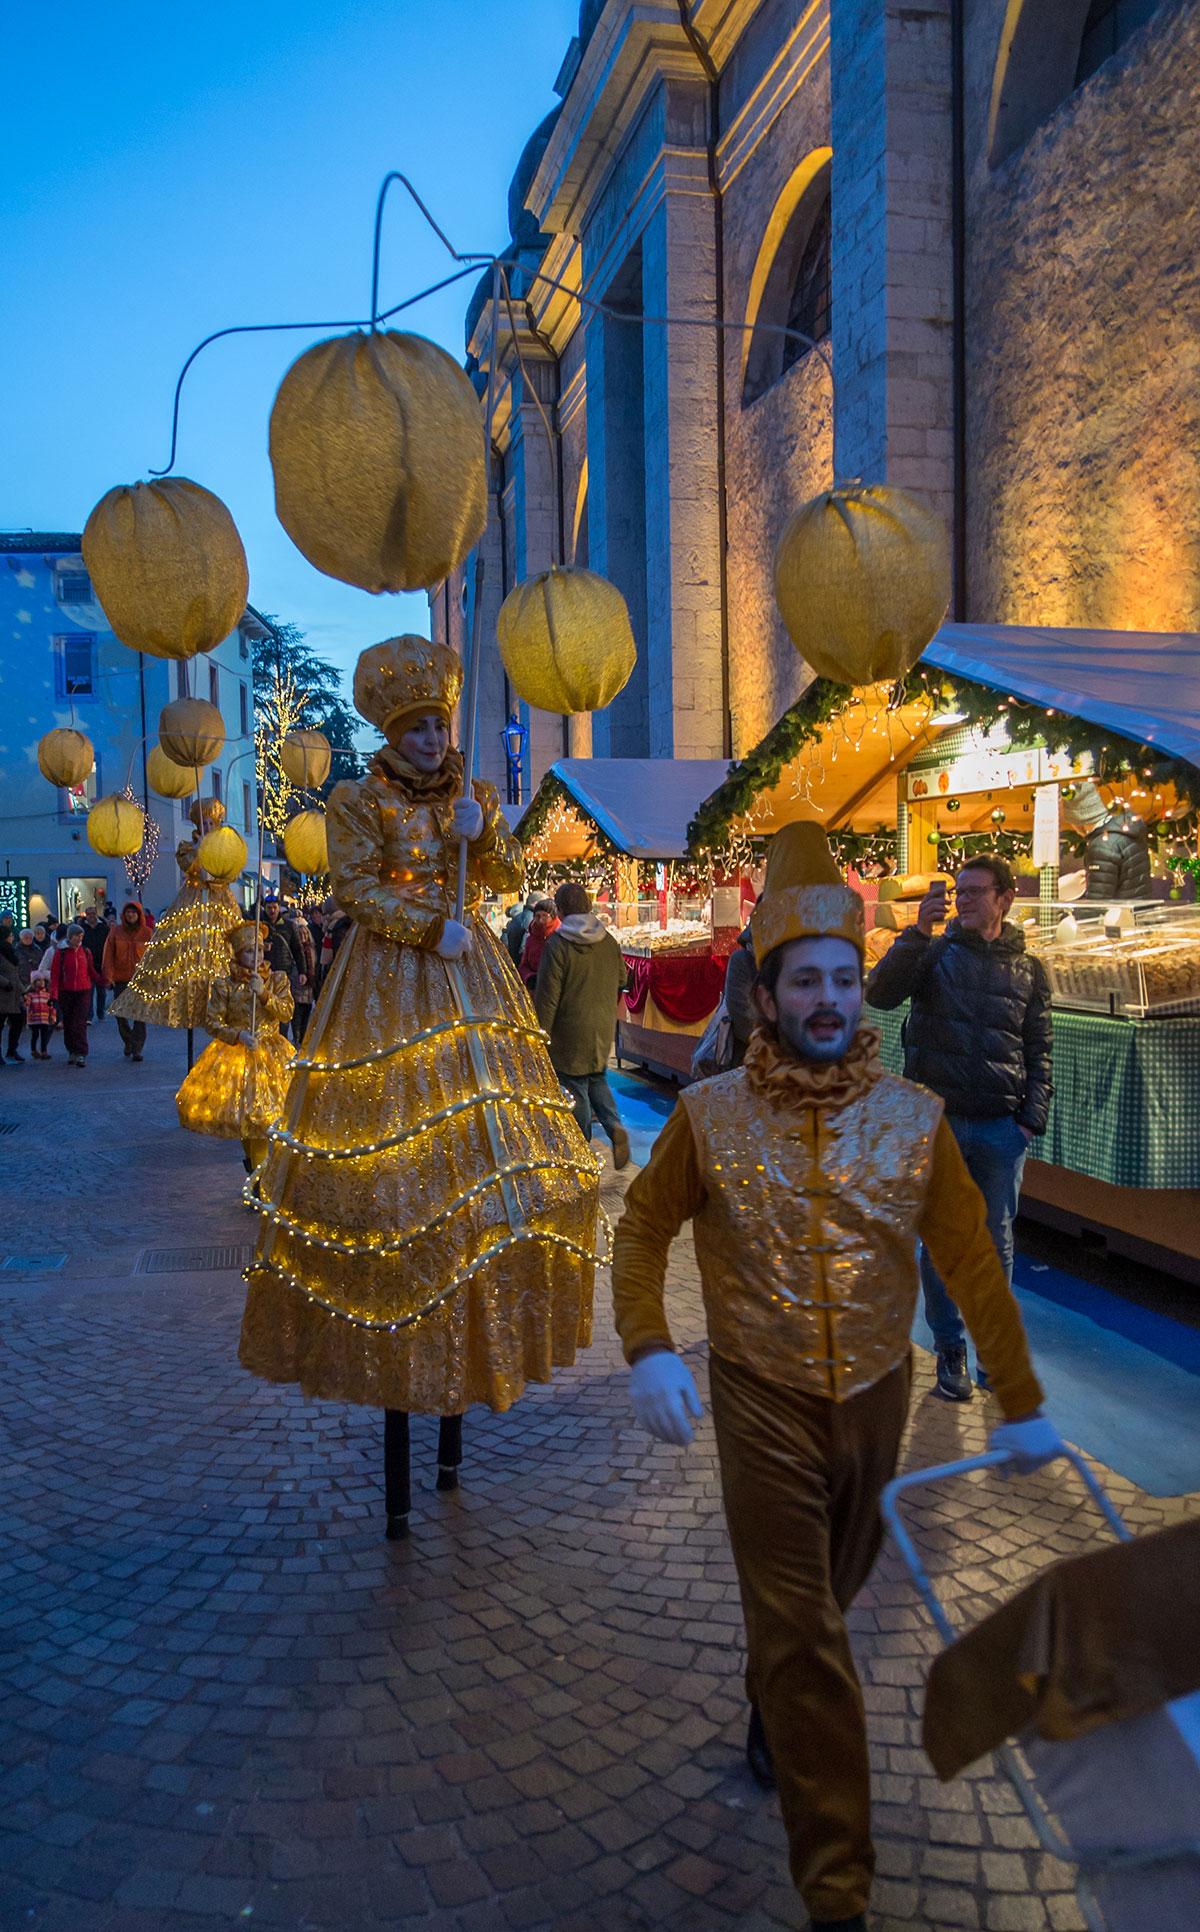 Weihnachtsmarkt in Arco mit Stelzen Läufern und Lampions